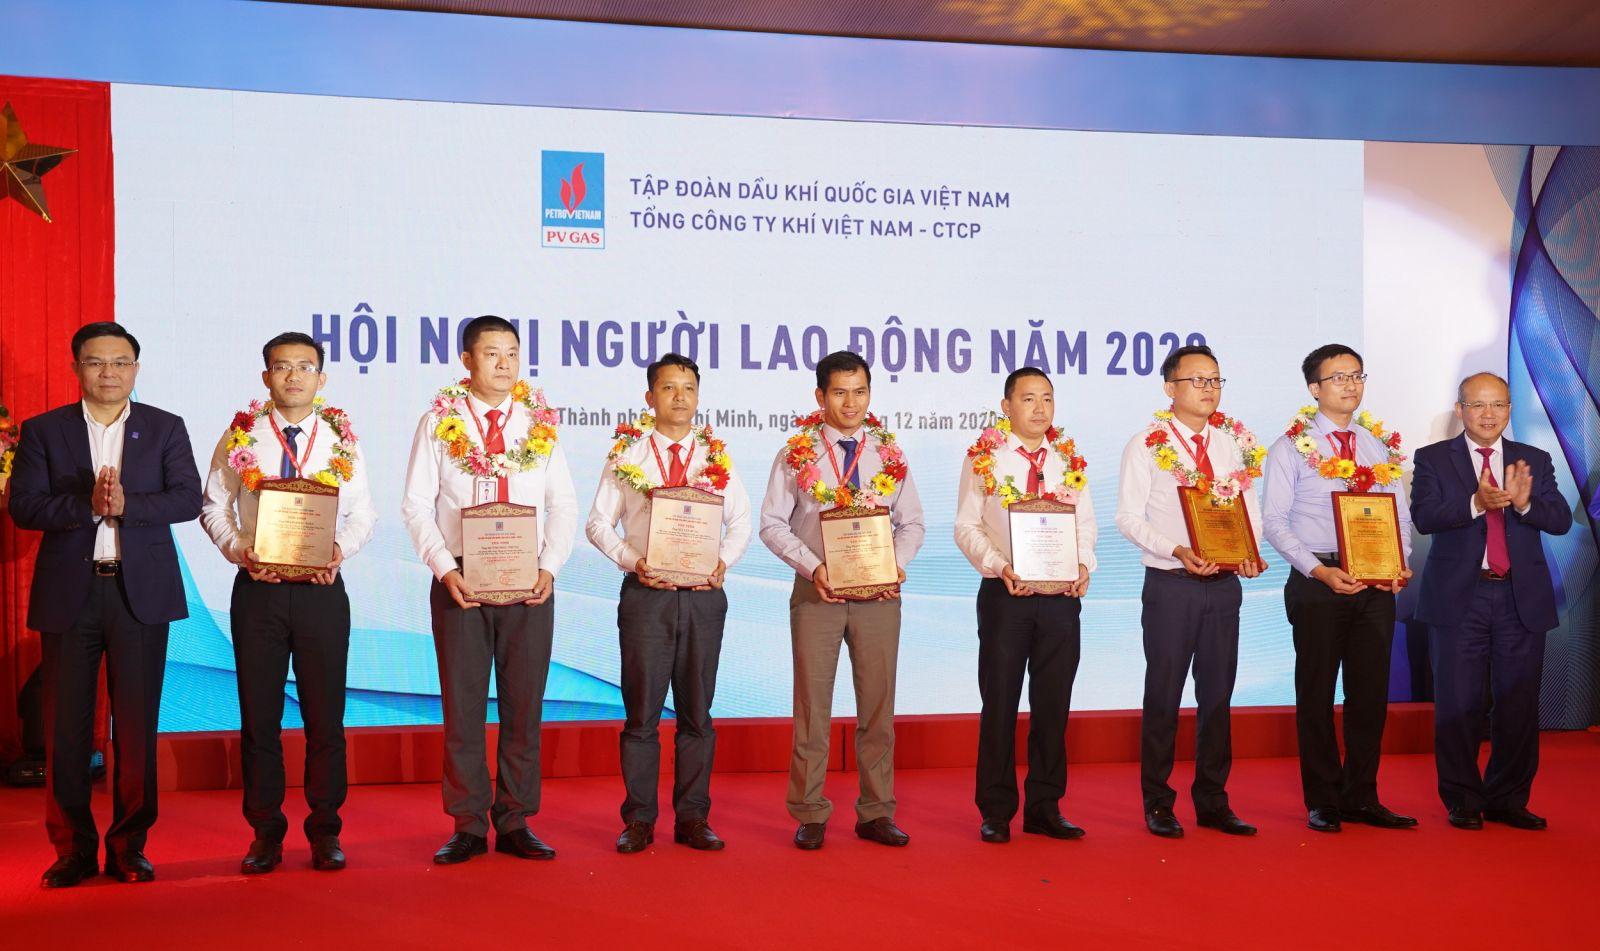 Hội nghị PV GAS